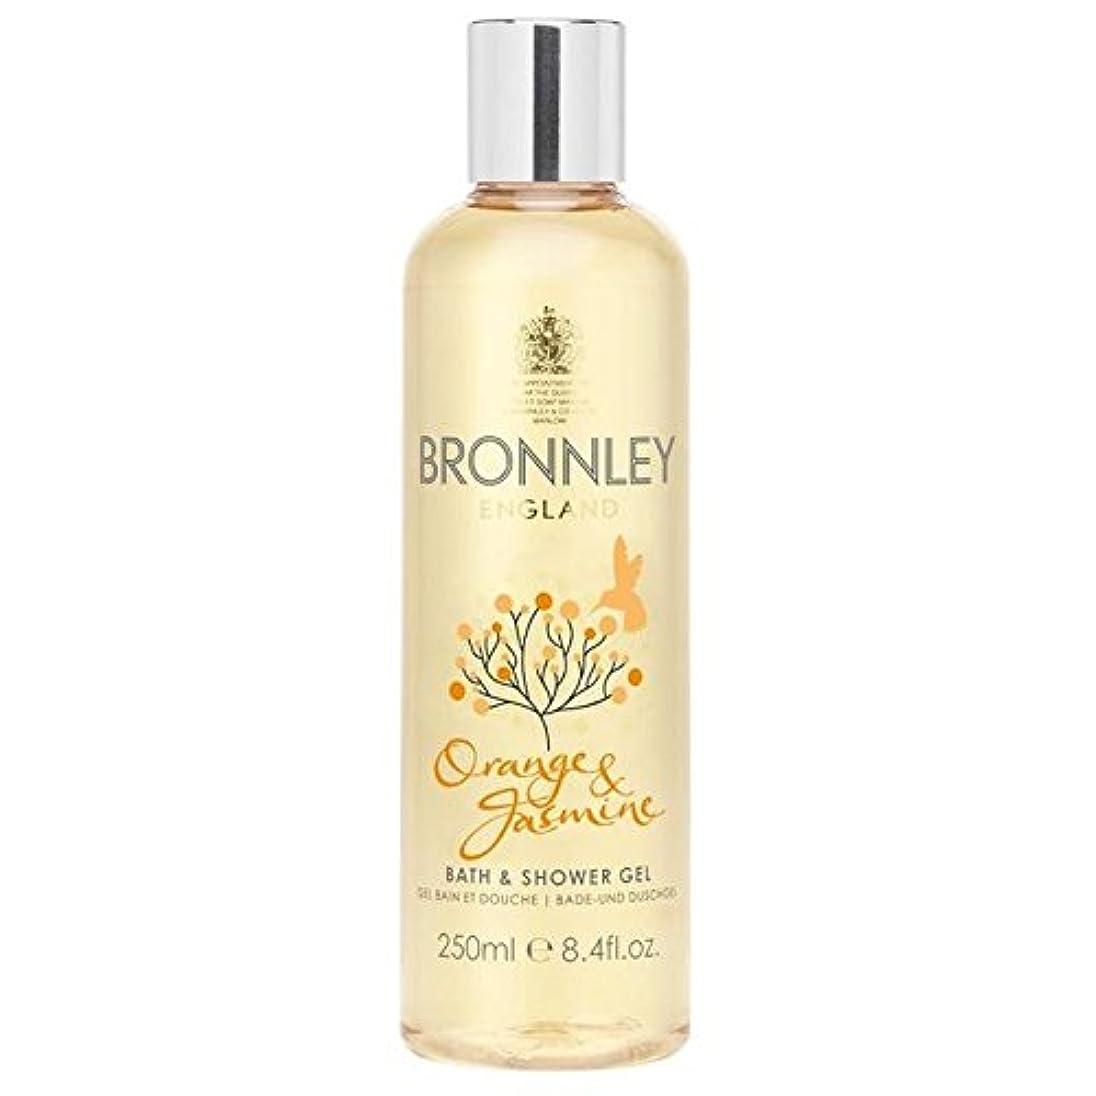 罰するメディアうめきオレンジ&ジャスミンバス&シャワージェル250ミリリットル x4 - Bronnley Orange & Jasmine Bath & Shower Gel 250ml (Pack of 4) [並行輸入品]